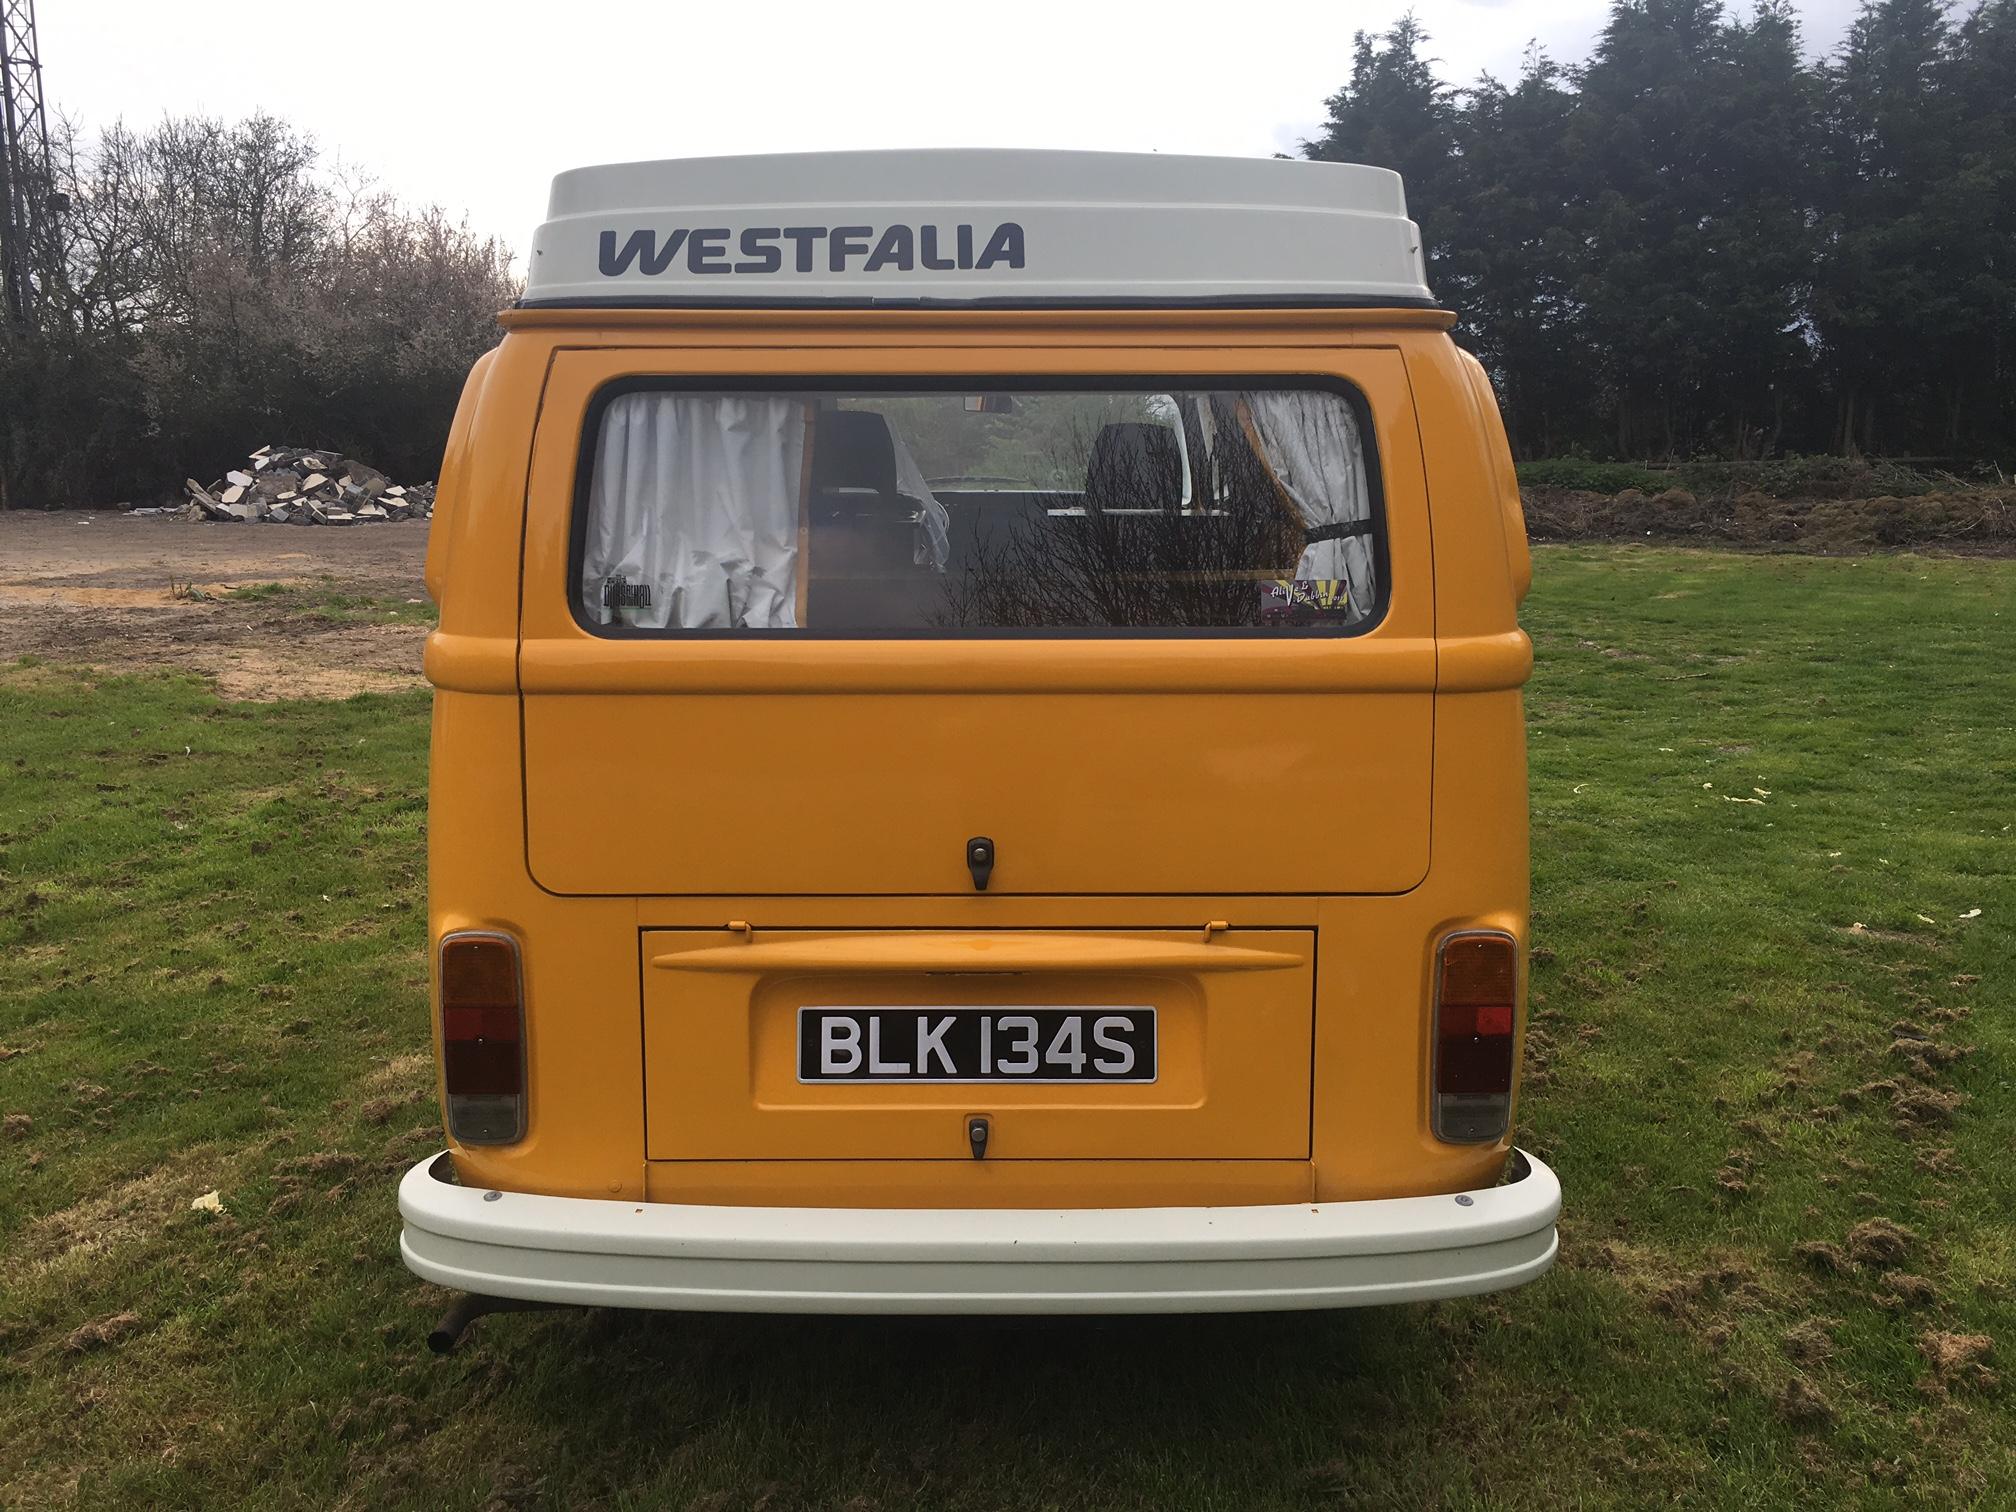 1978 westfalia 4 berth camper van